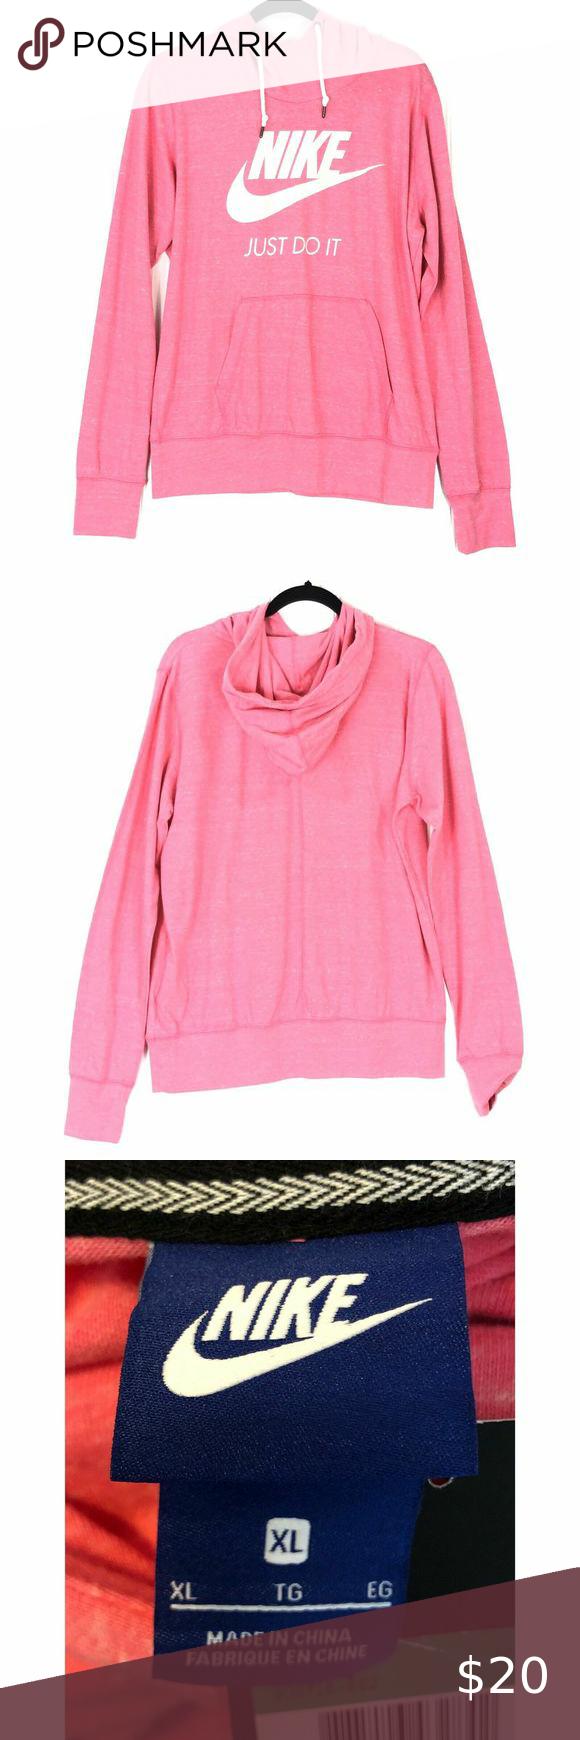 Nike Sweatshirt Pink Gym Vintage Pullover Hoodie In 2020 Nike Sweatshirts Pullover Hoodie Pink Sweatshirt